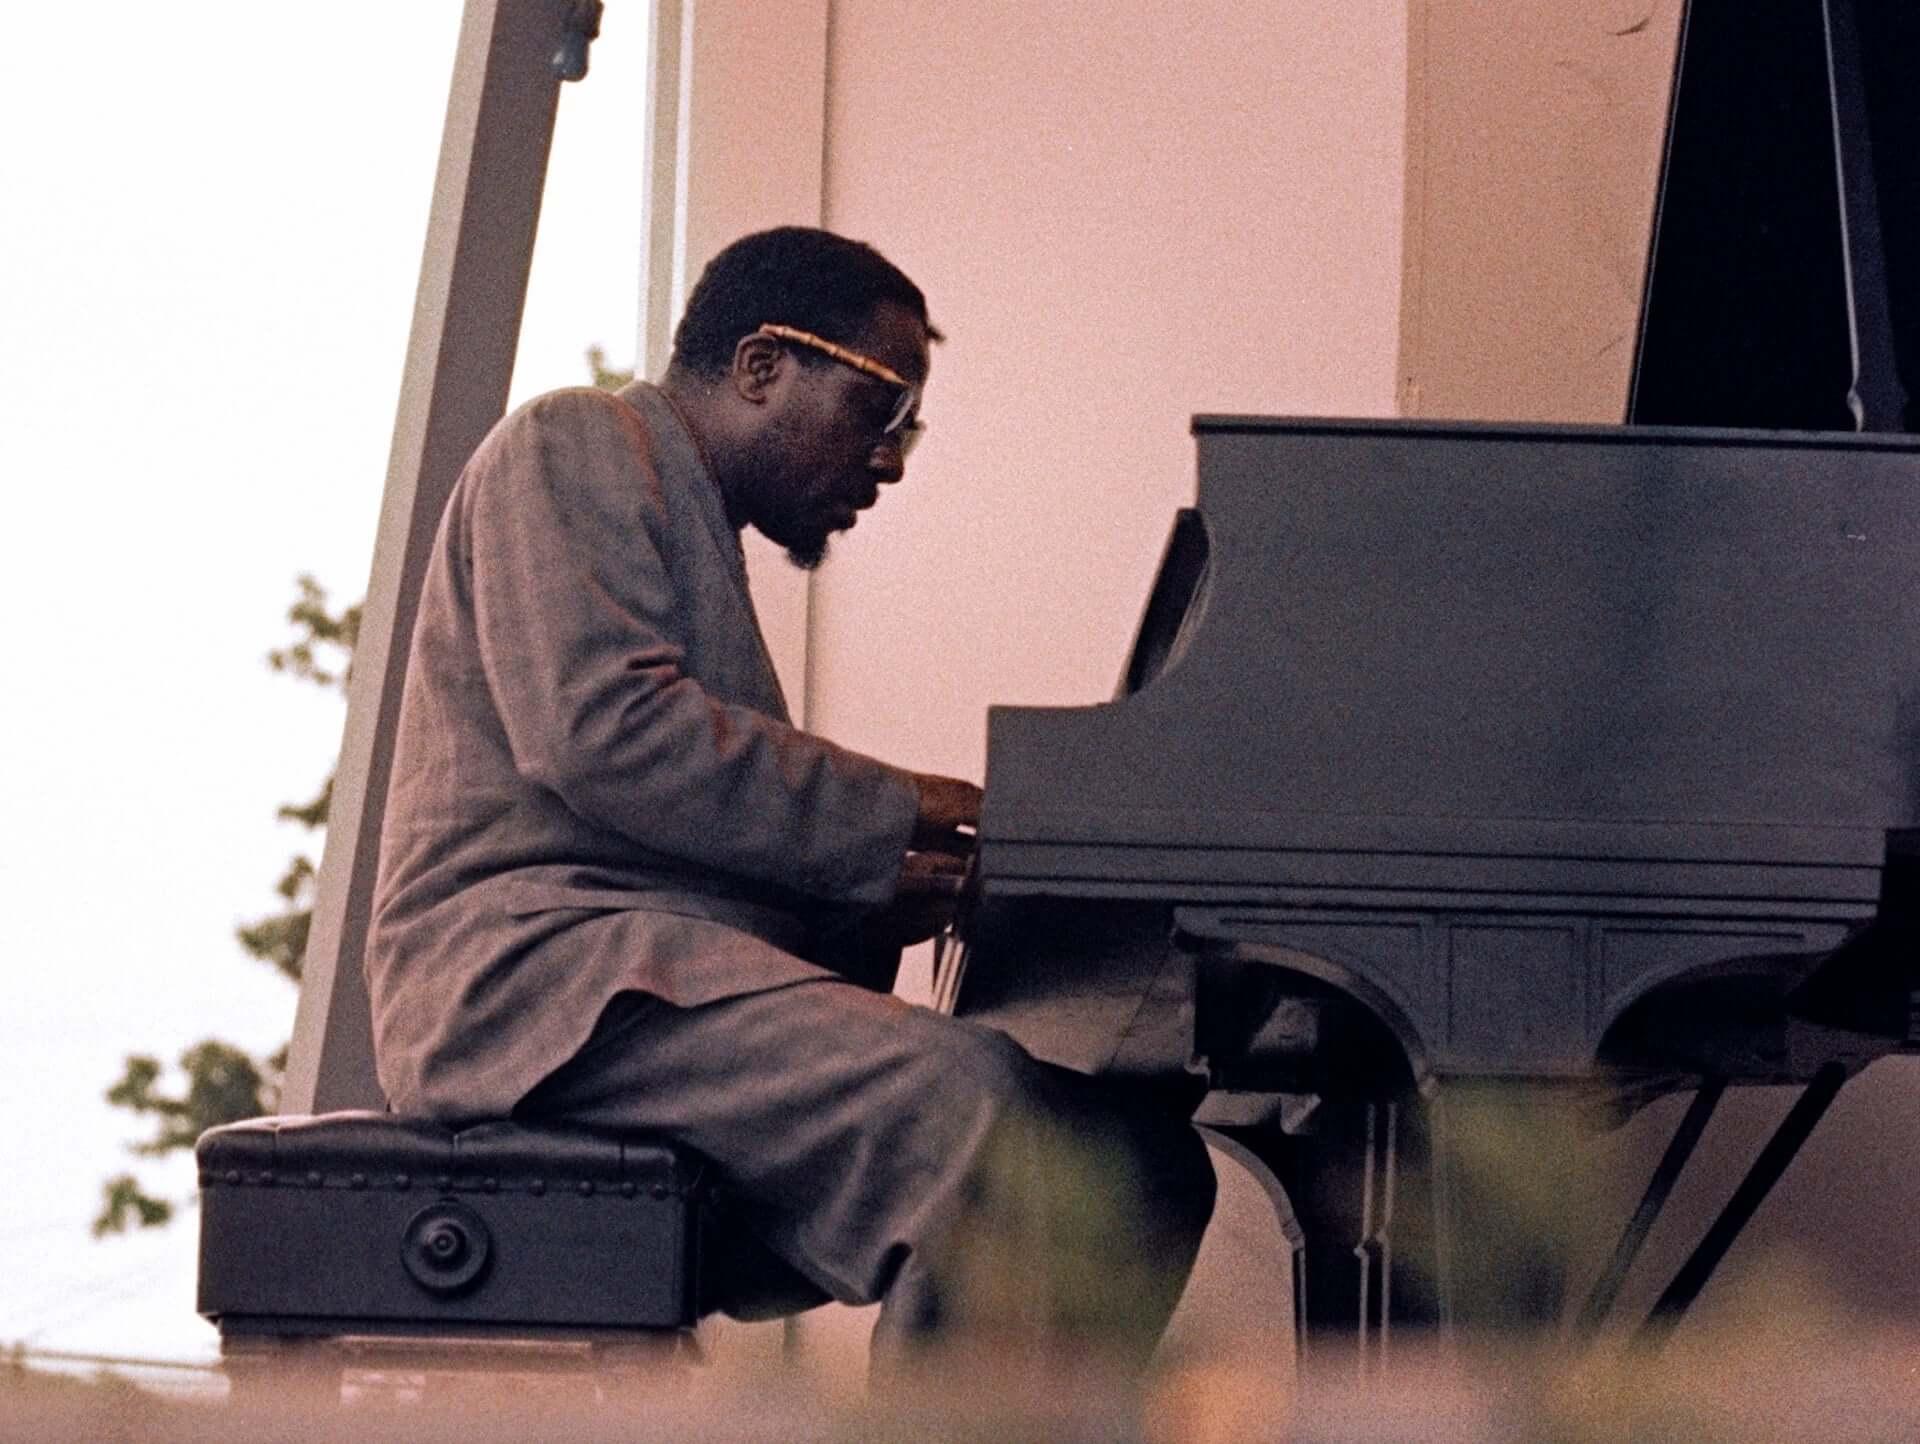 ルイ・アームストロング、チャック・ベリーも登場!米最大級のフェスを追った『真夏の夜のジャズ』4K版の予告編が解禁&セットリストも紹介 film200716_jazz4k_1-1920x1444